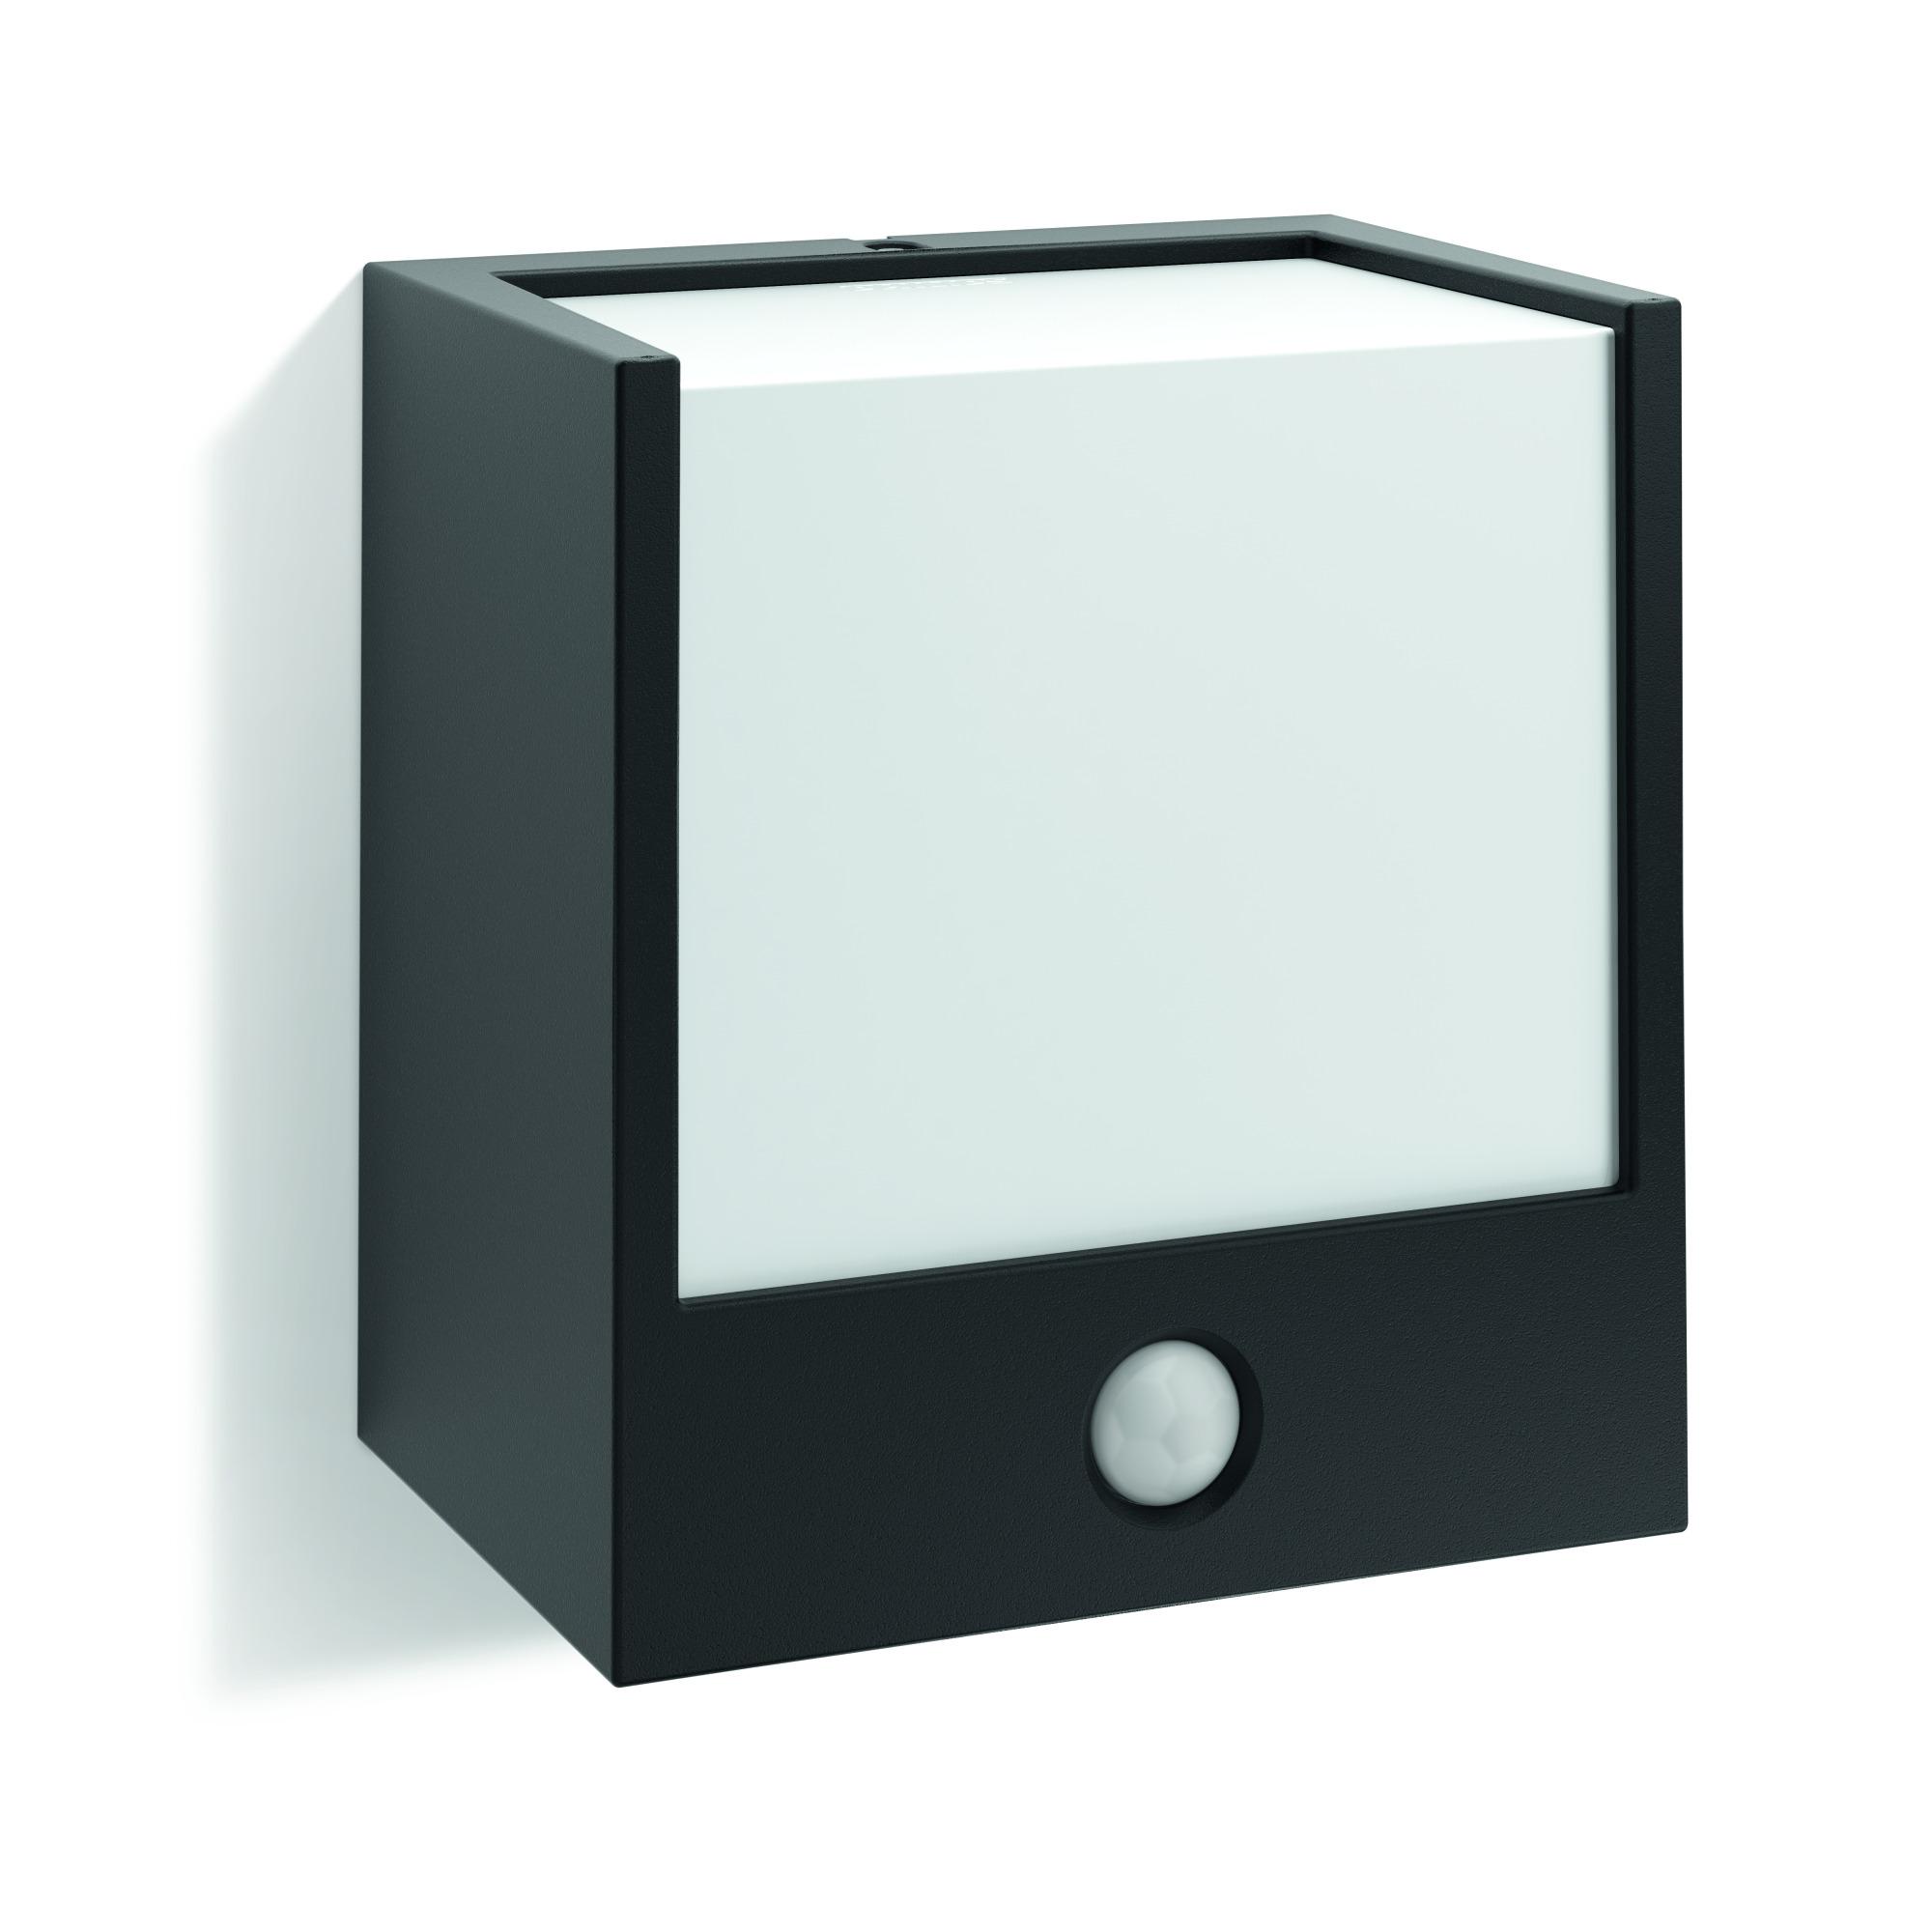 Philips Buitenlamp Macaw met bewegingssensor zwart LED 3.5W